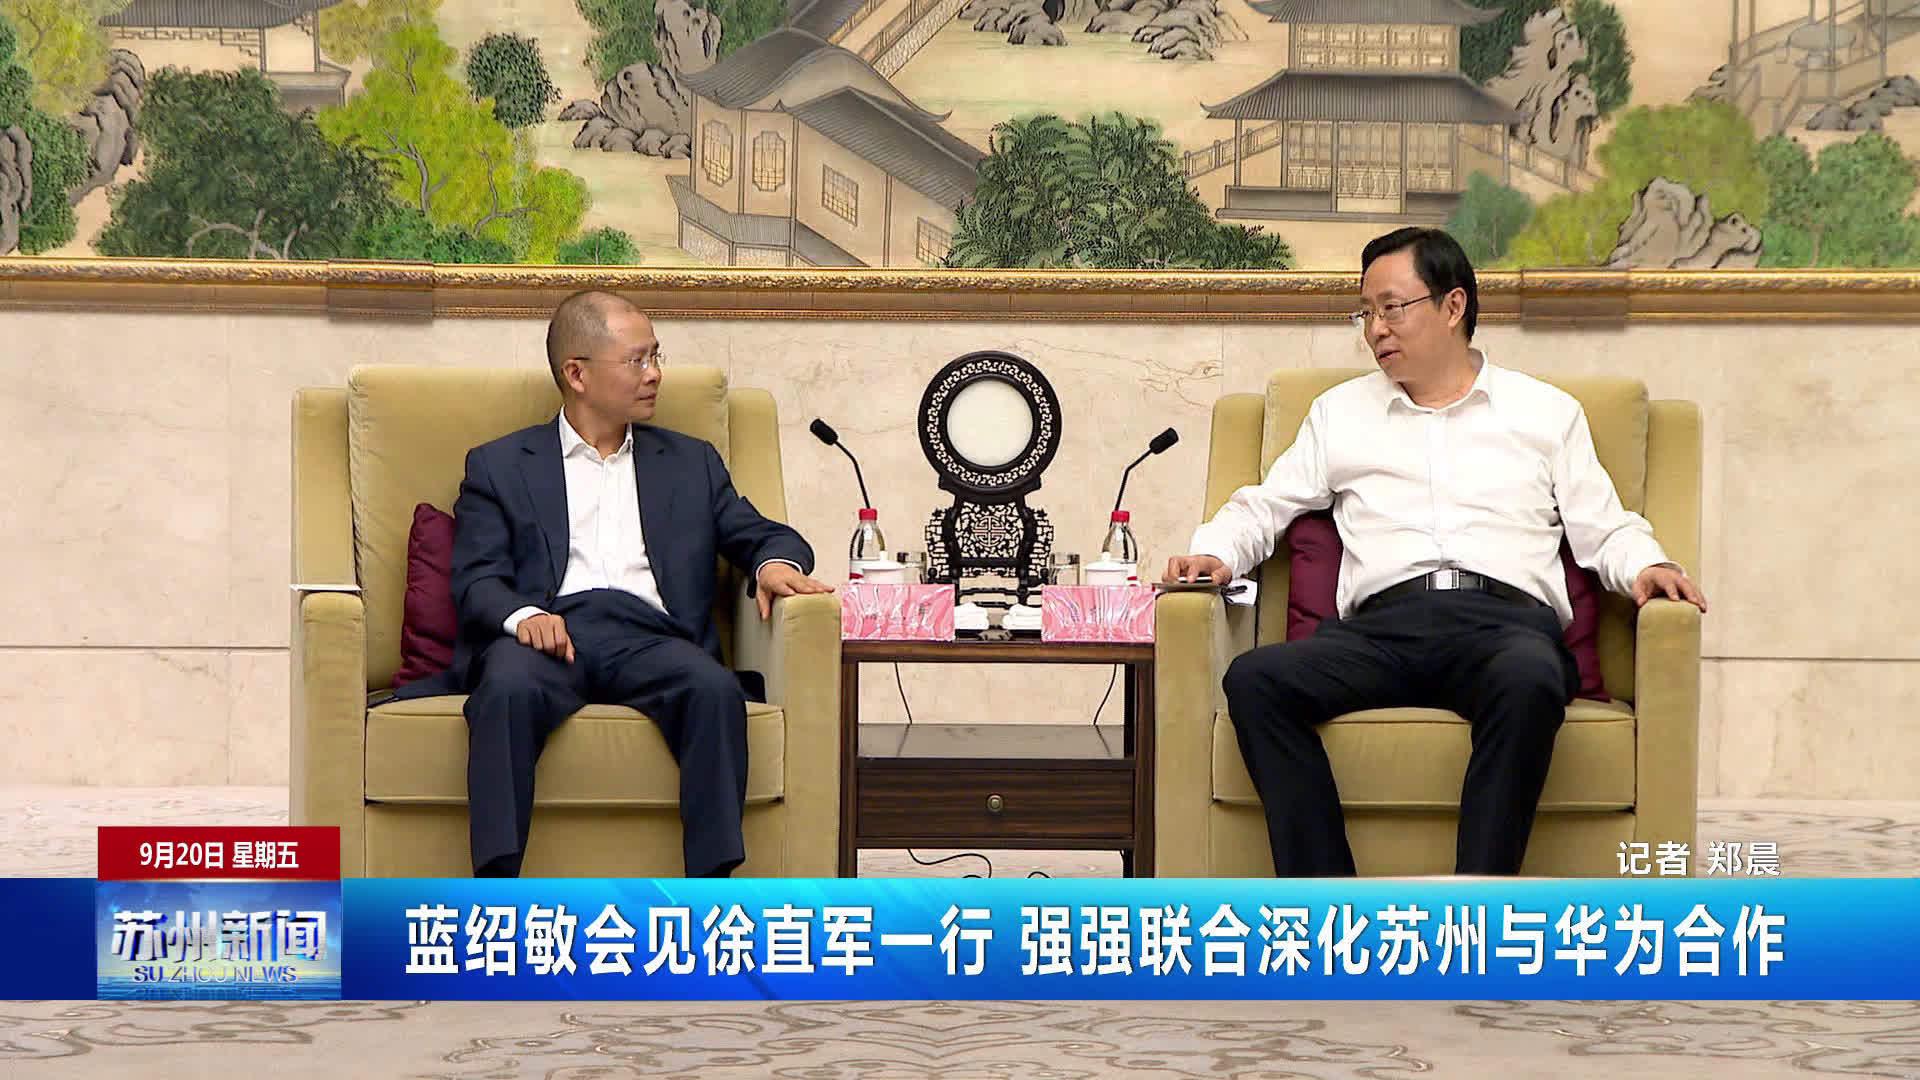 蓝绍敏会见徐直军一行 强强联合深化苏州与华为合作